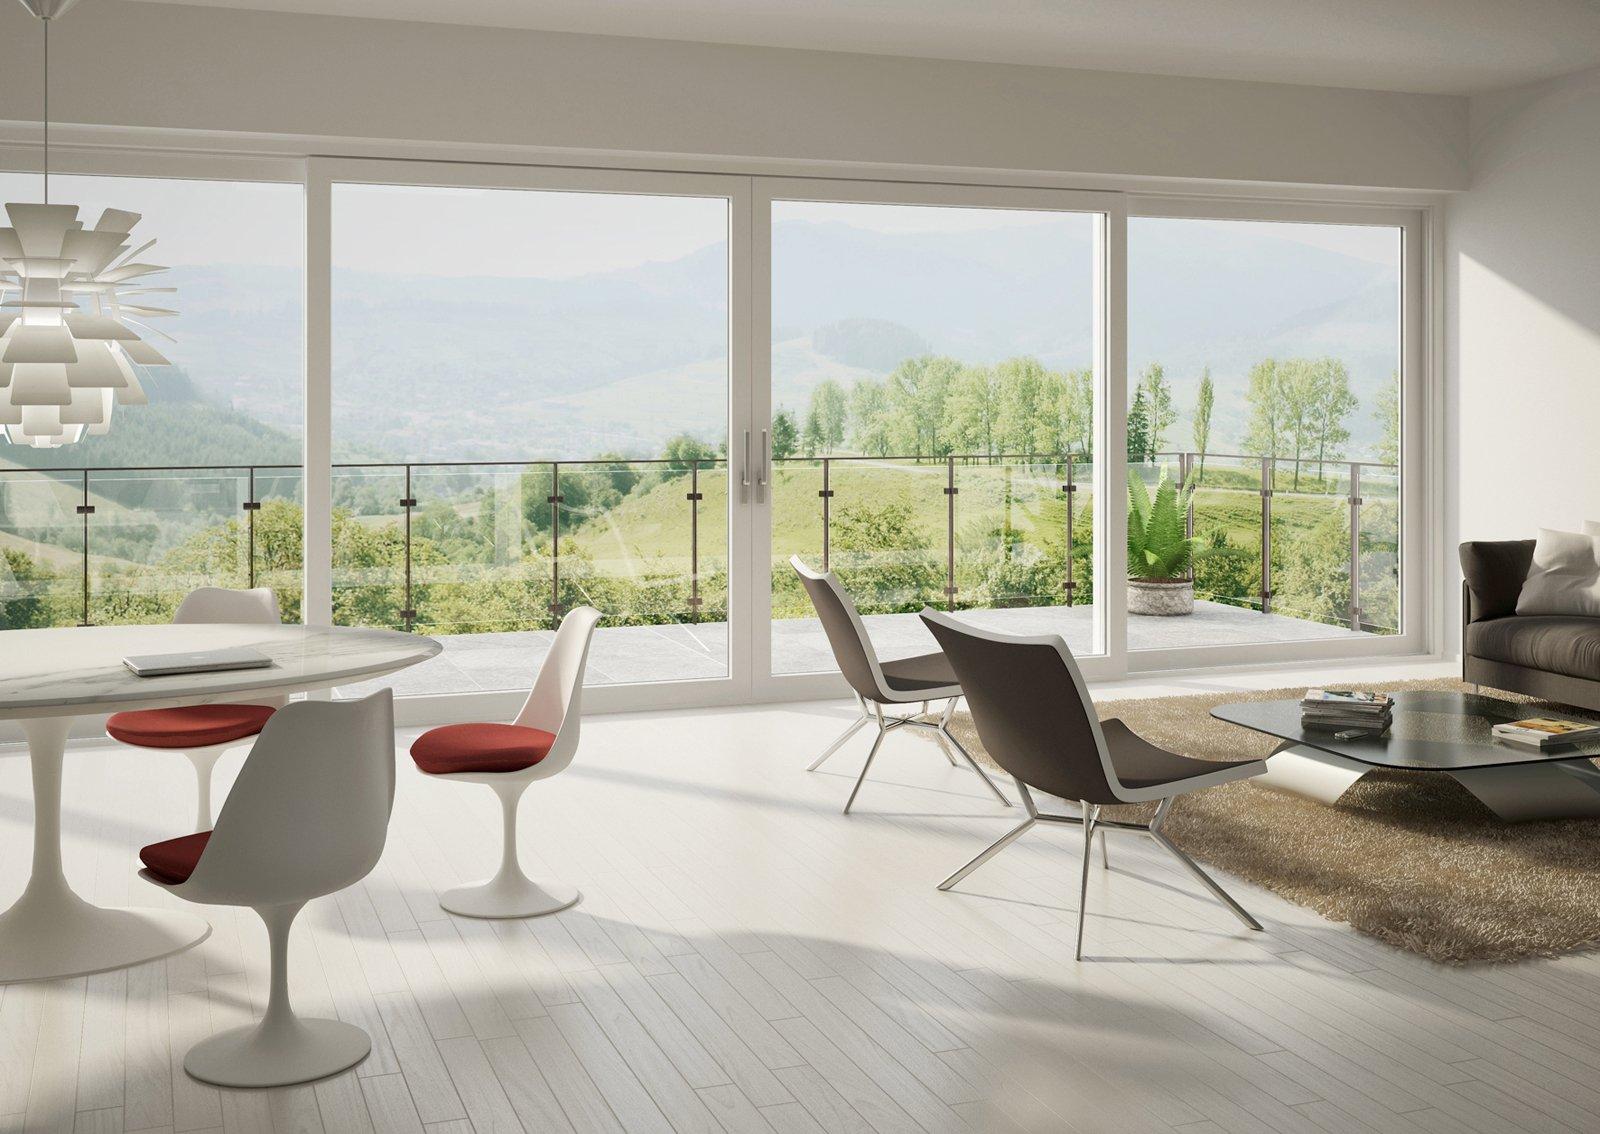 Finestra quale materiale preferire cose di casa - Finestre con vetrocamera ...